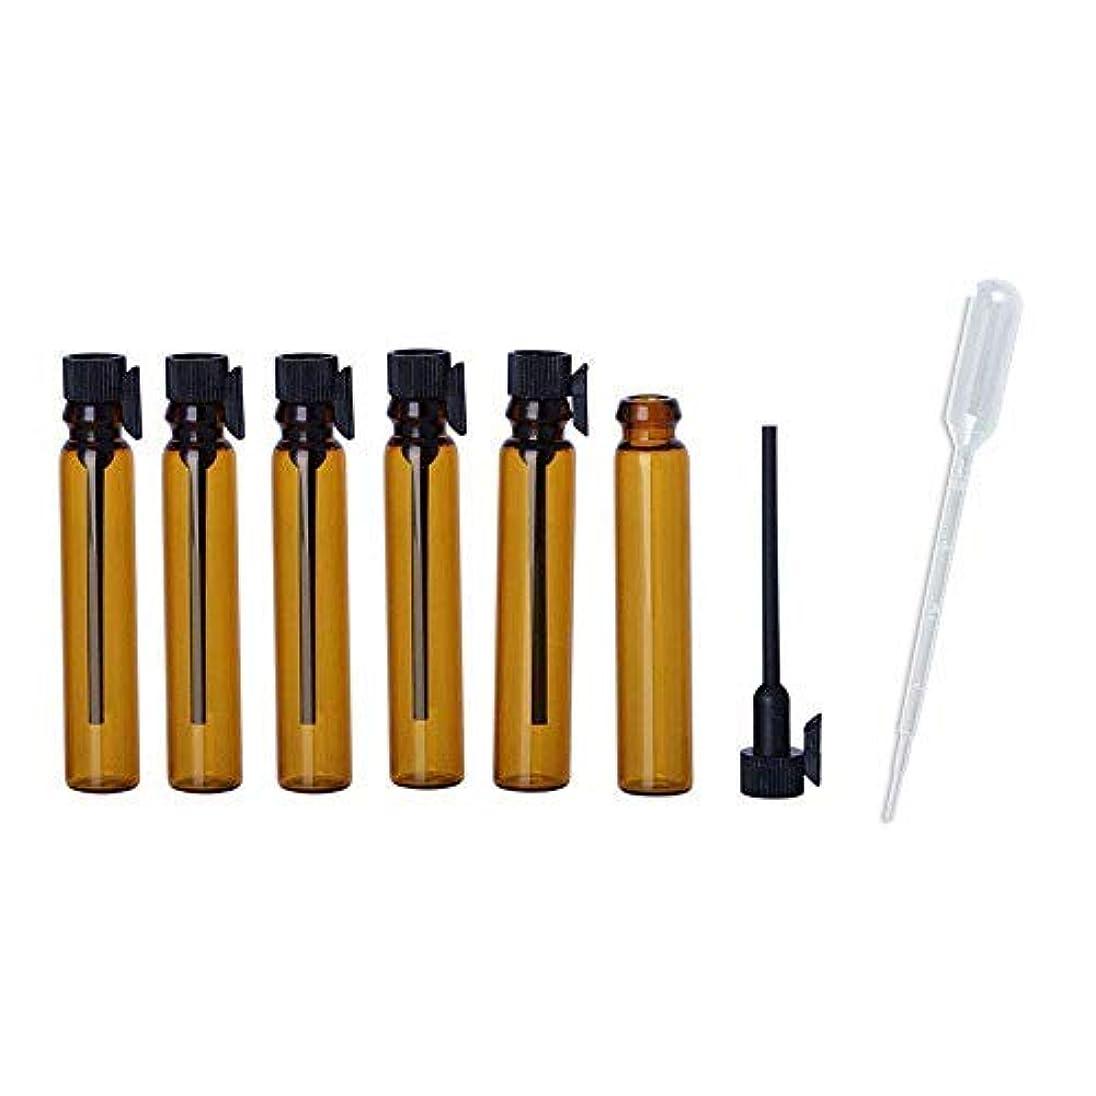 気性娯楽ダースJJKMALL- 100pcs 1ml (1/4 Dram) Amber Mini Glass Bottle 1cc Amber Sample Vial Small Essential Oil Bottle Travel...